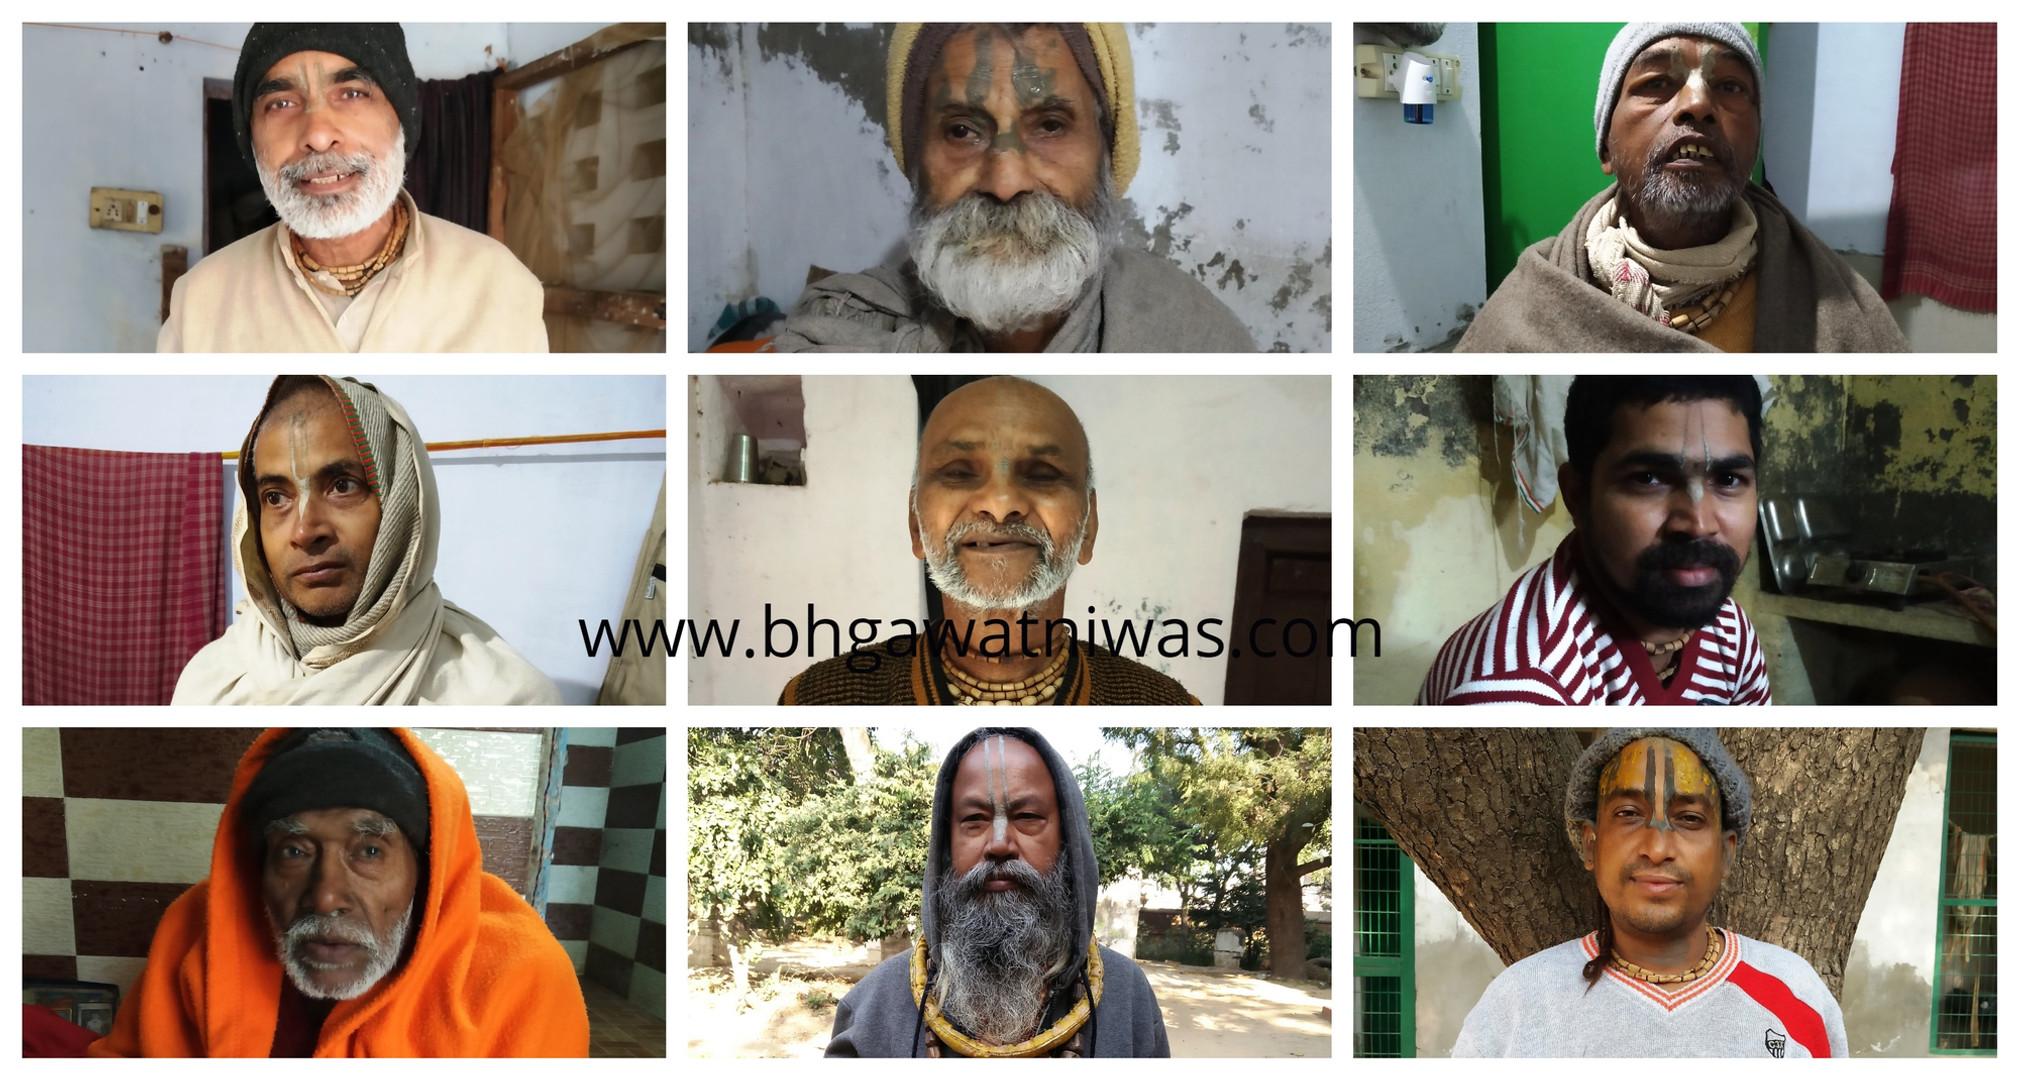 bhagwat niwas vrindavan